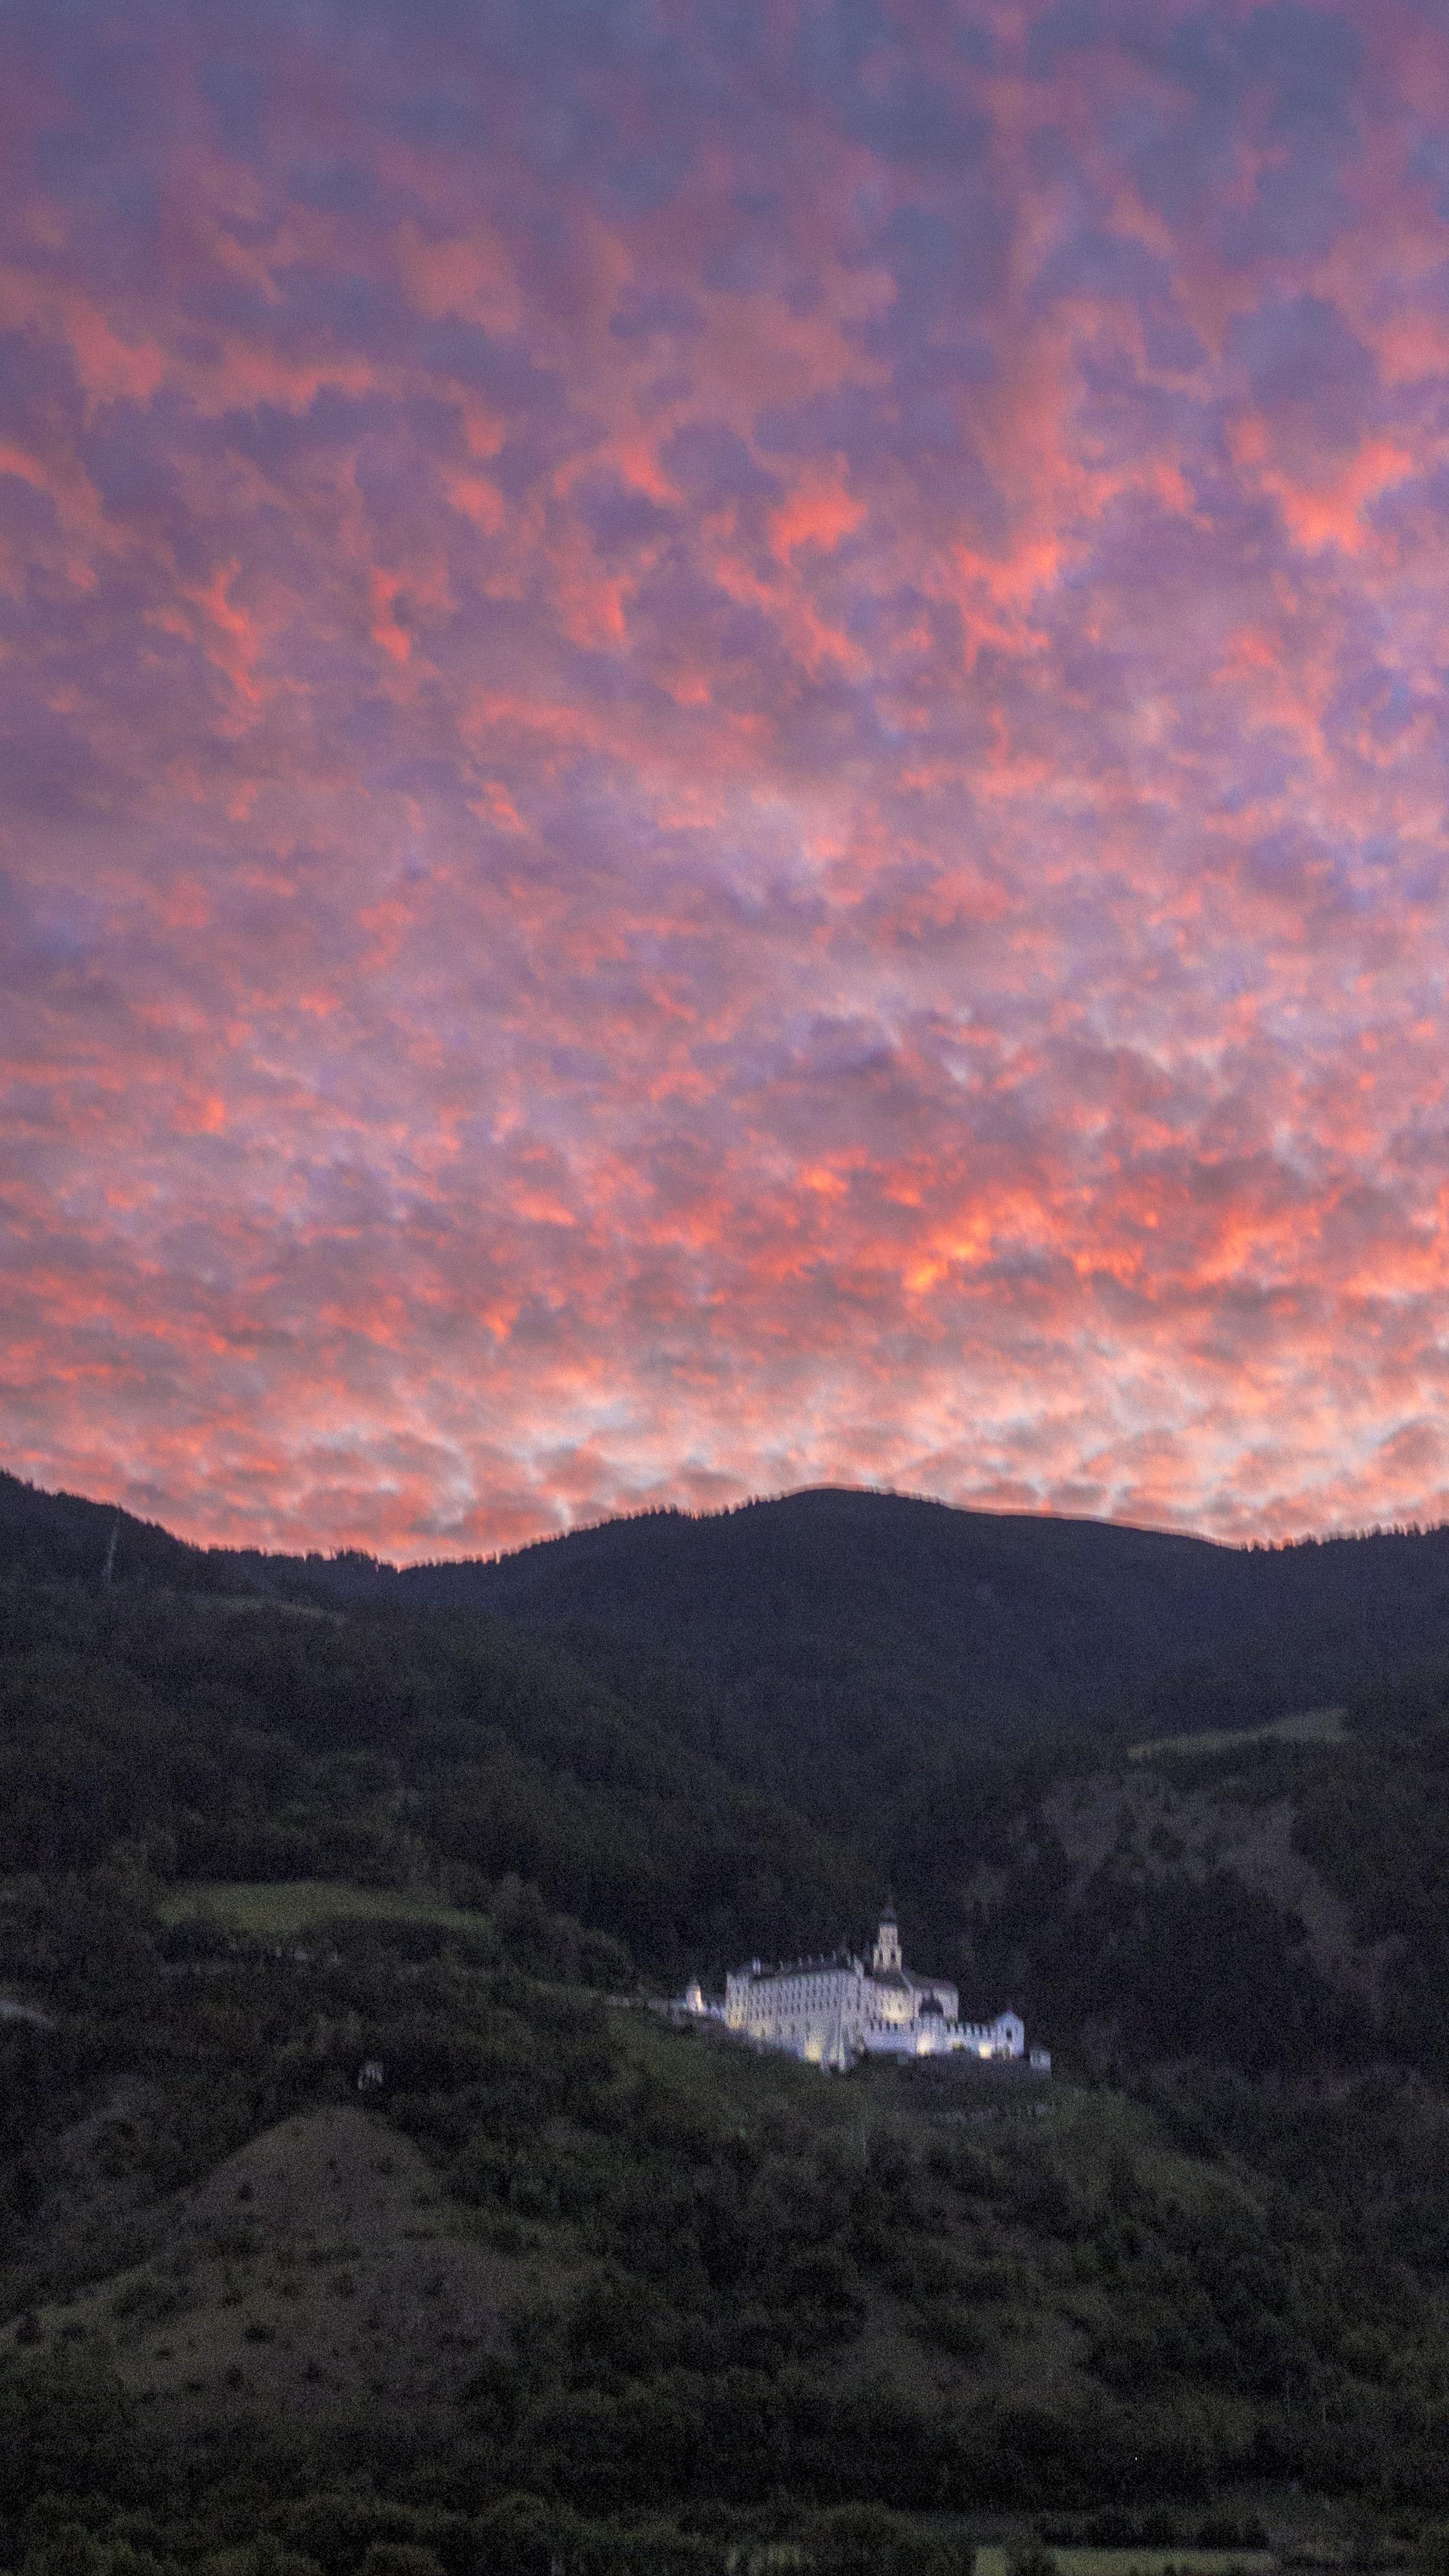 Kloster Marienberg BZ